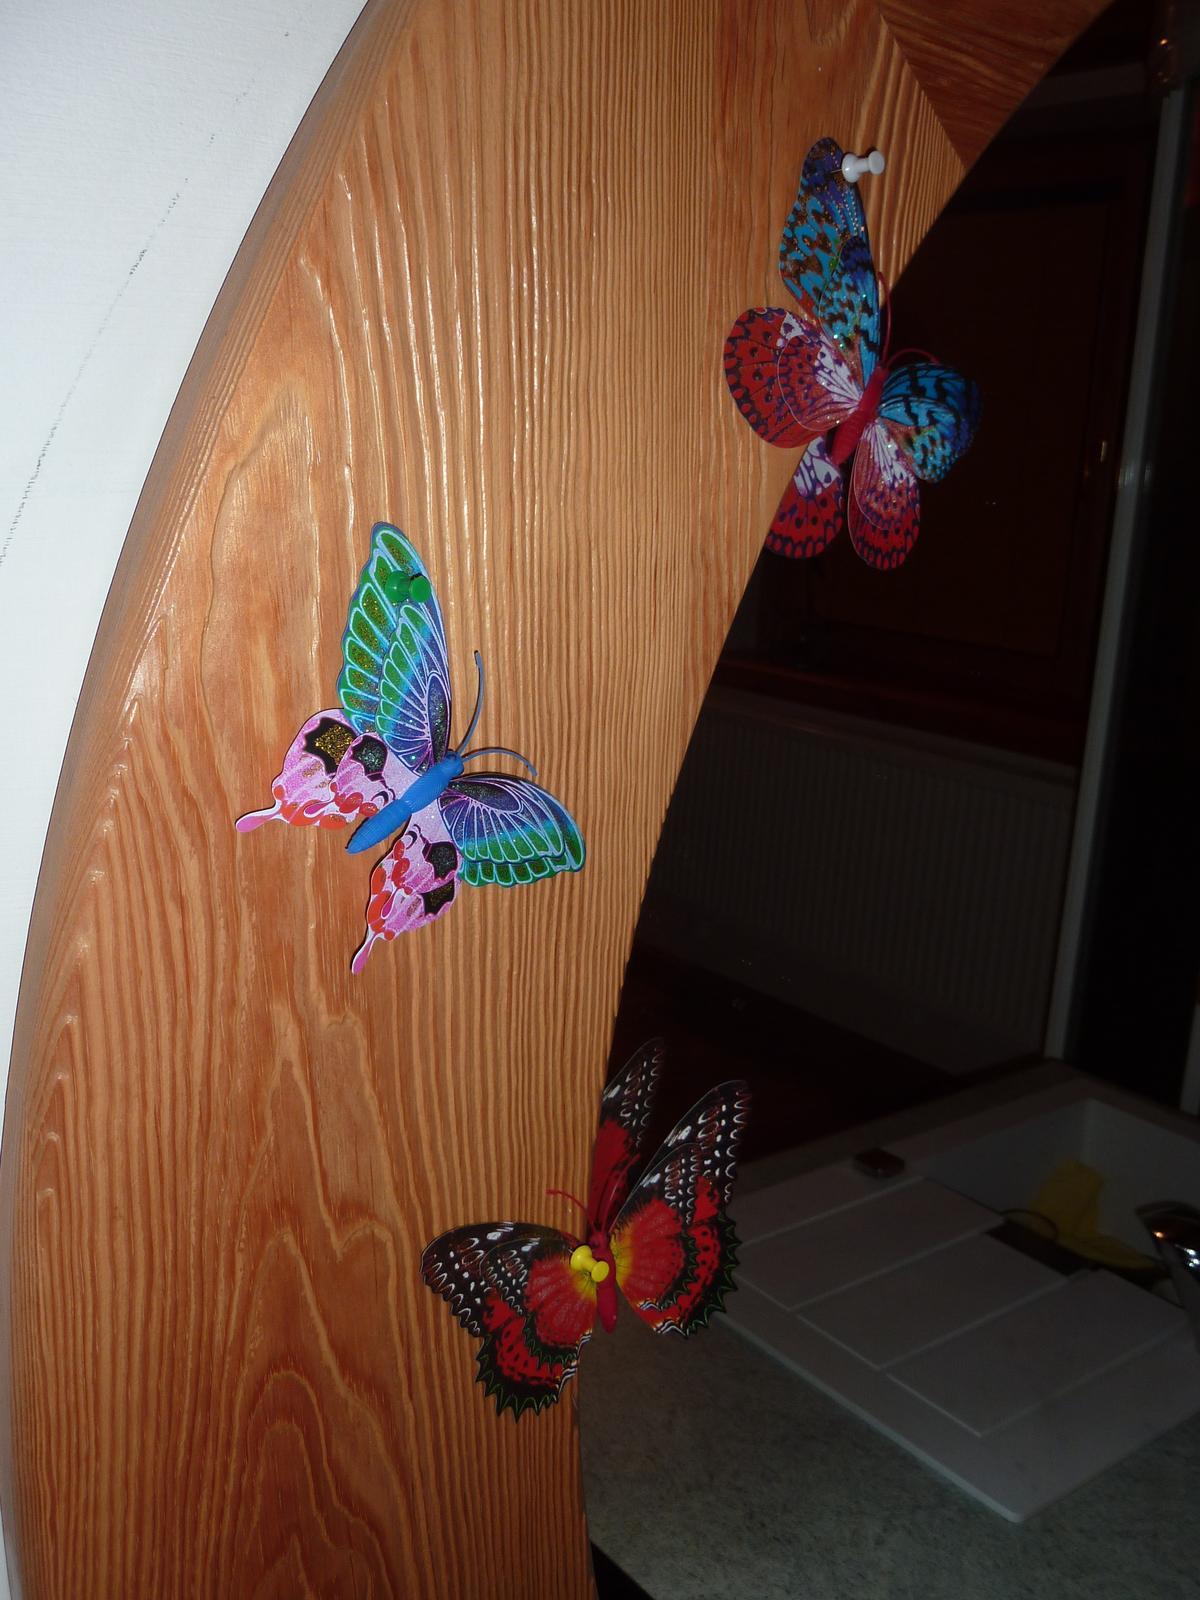 Moja praca, moja radost - detail - zrkadlo z kartačovanej borovice pre moju lasku, motyliky prileteli z činy